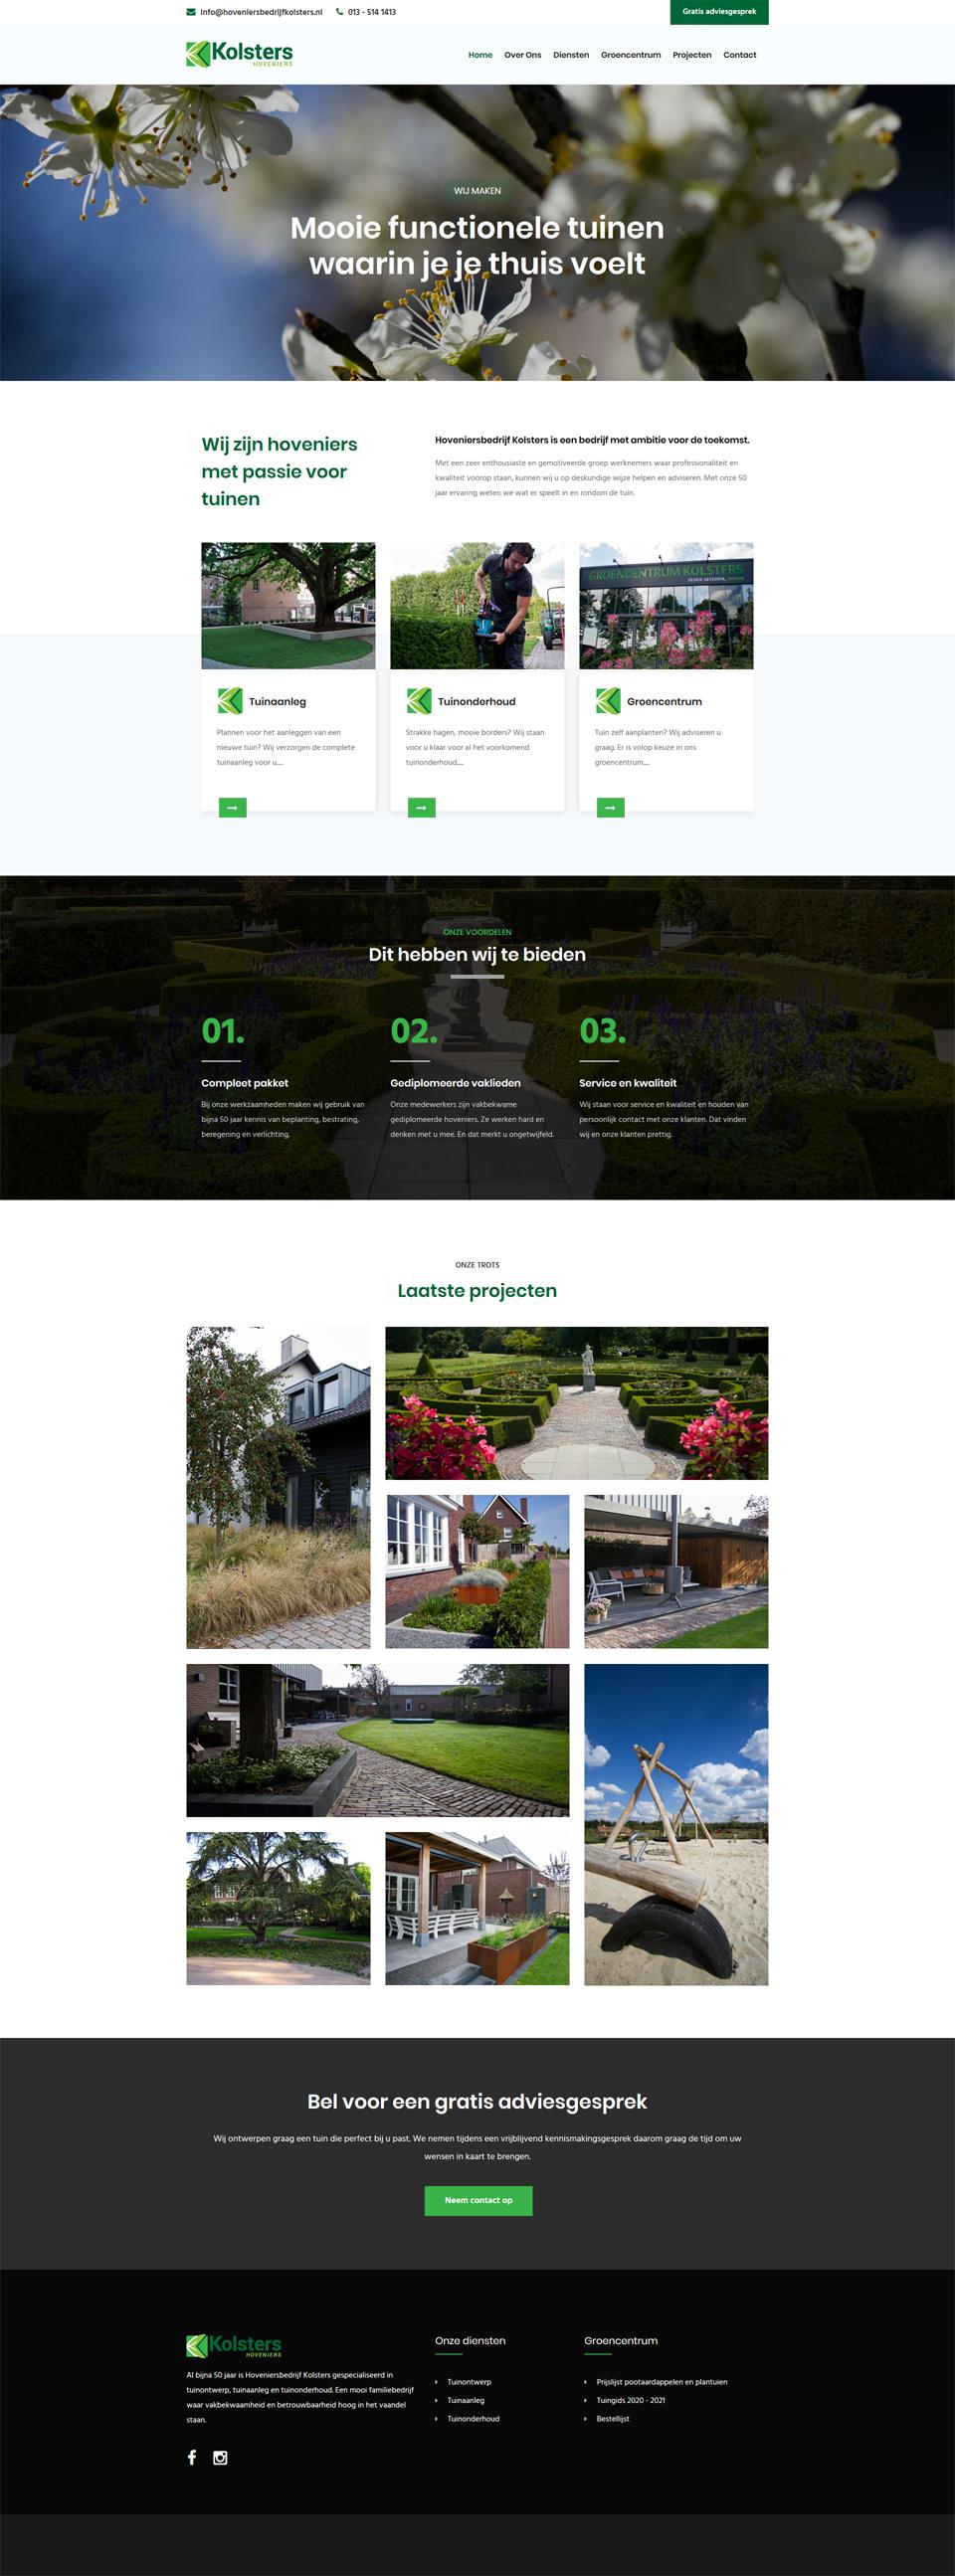 Webdesign Middelbeers Hoveniersbedrijf Kolsters